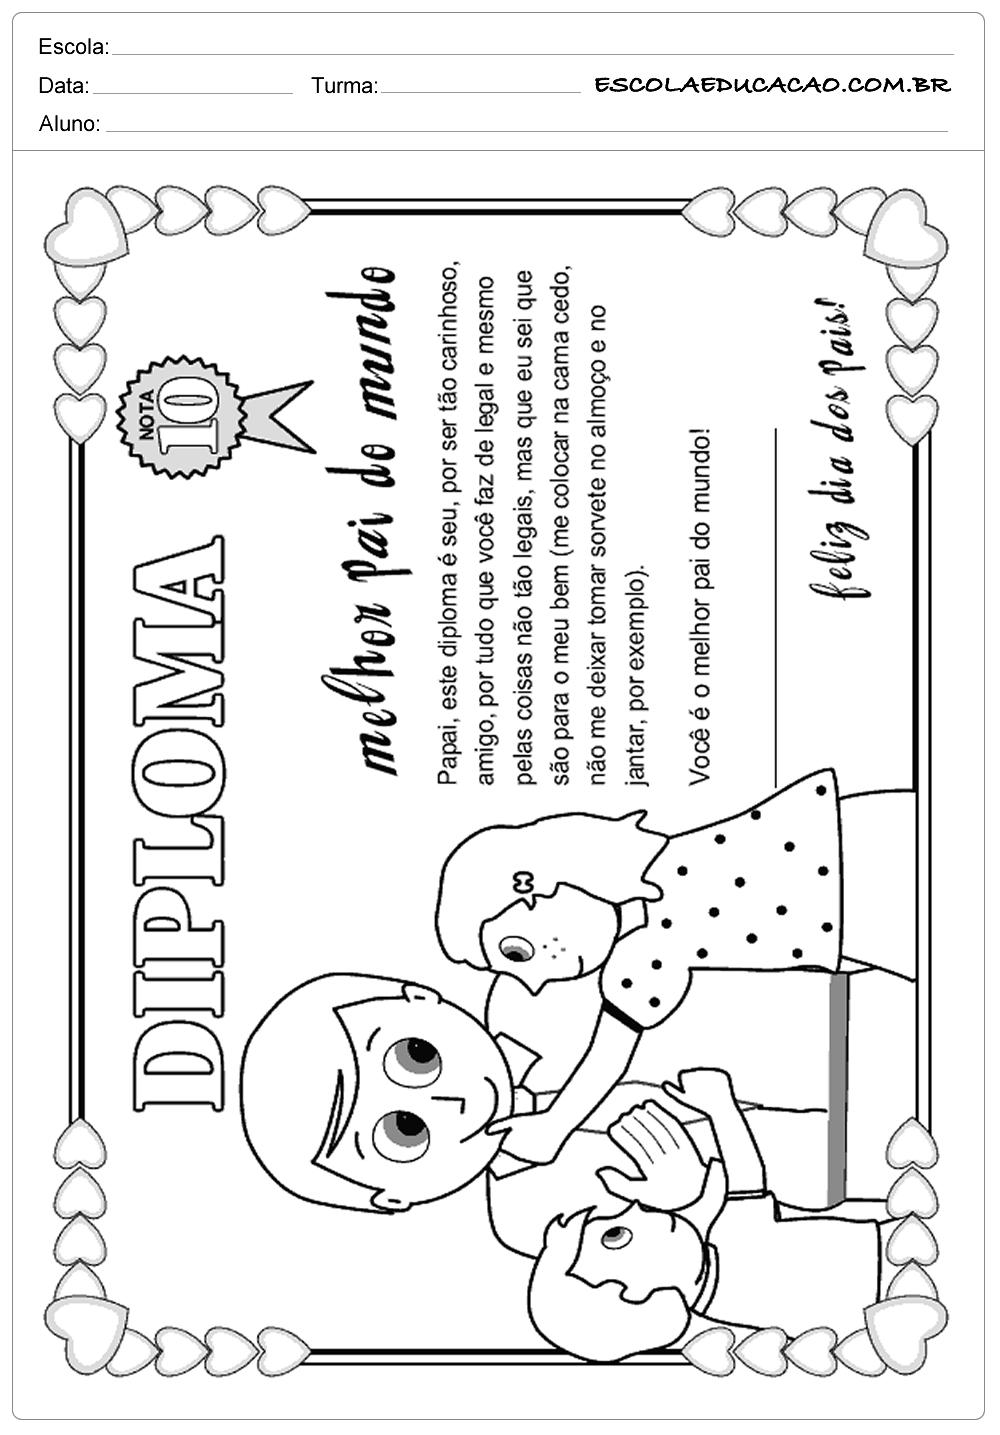 40 Atividades e Mensagens para o Dia dos Pais para Imprimir f2c353f96b8